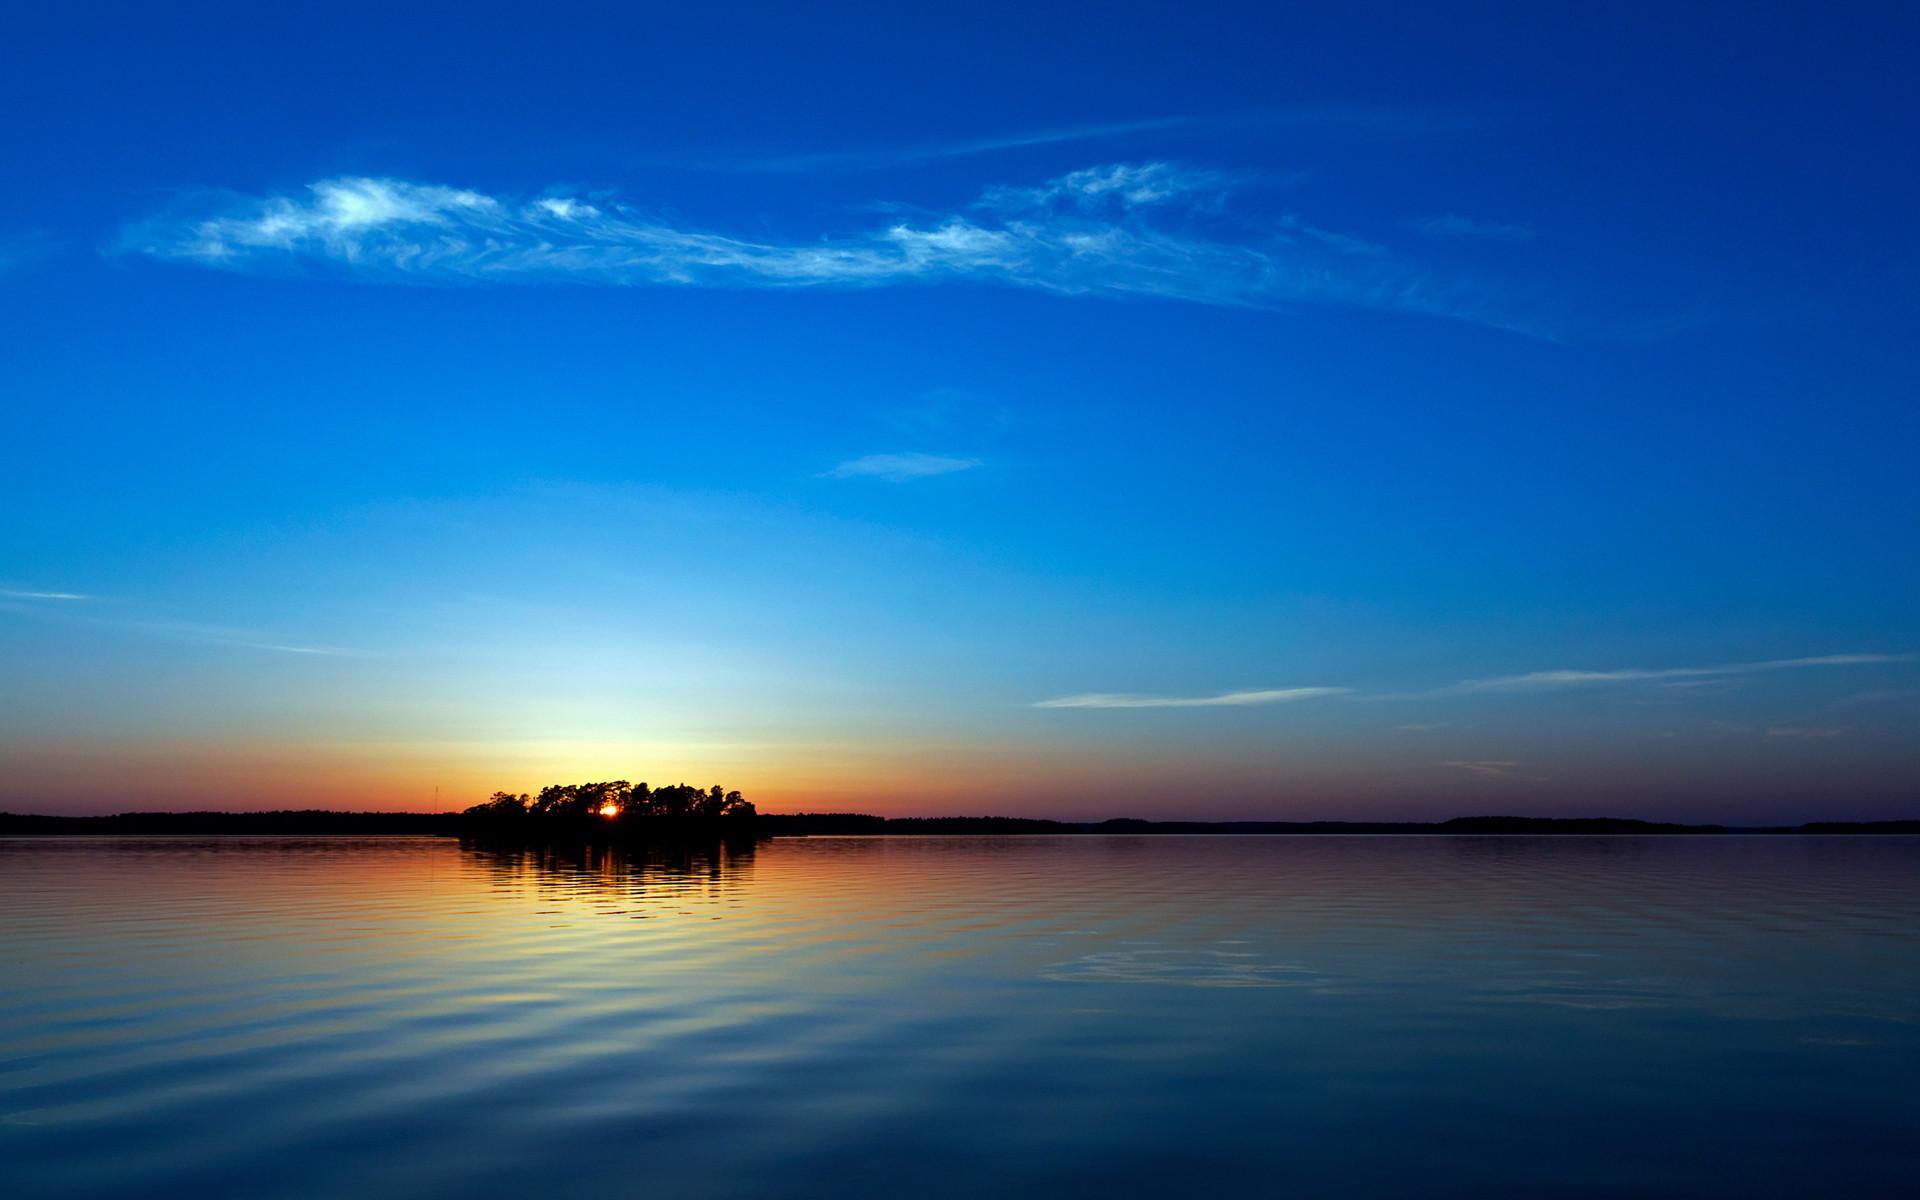 意境夜景壁纸高清大图 大自然山川河流山水相印桌面壁纸